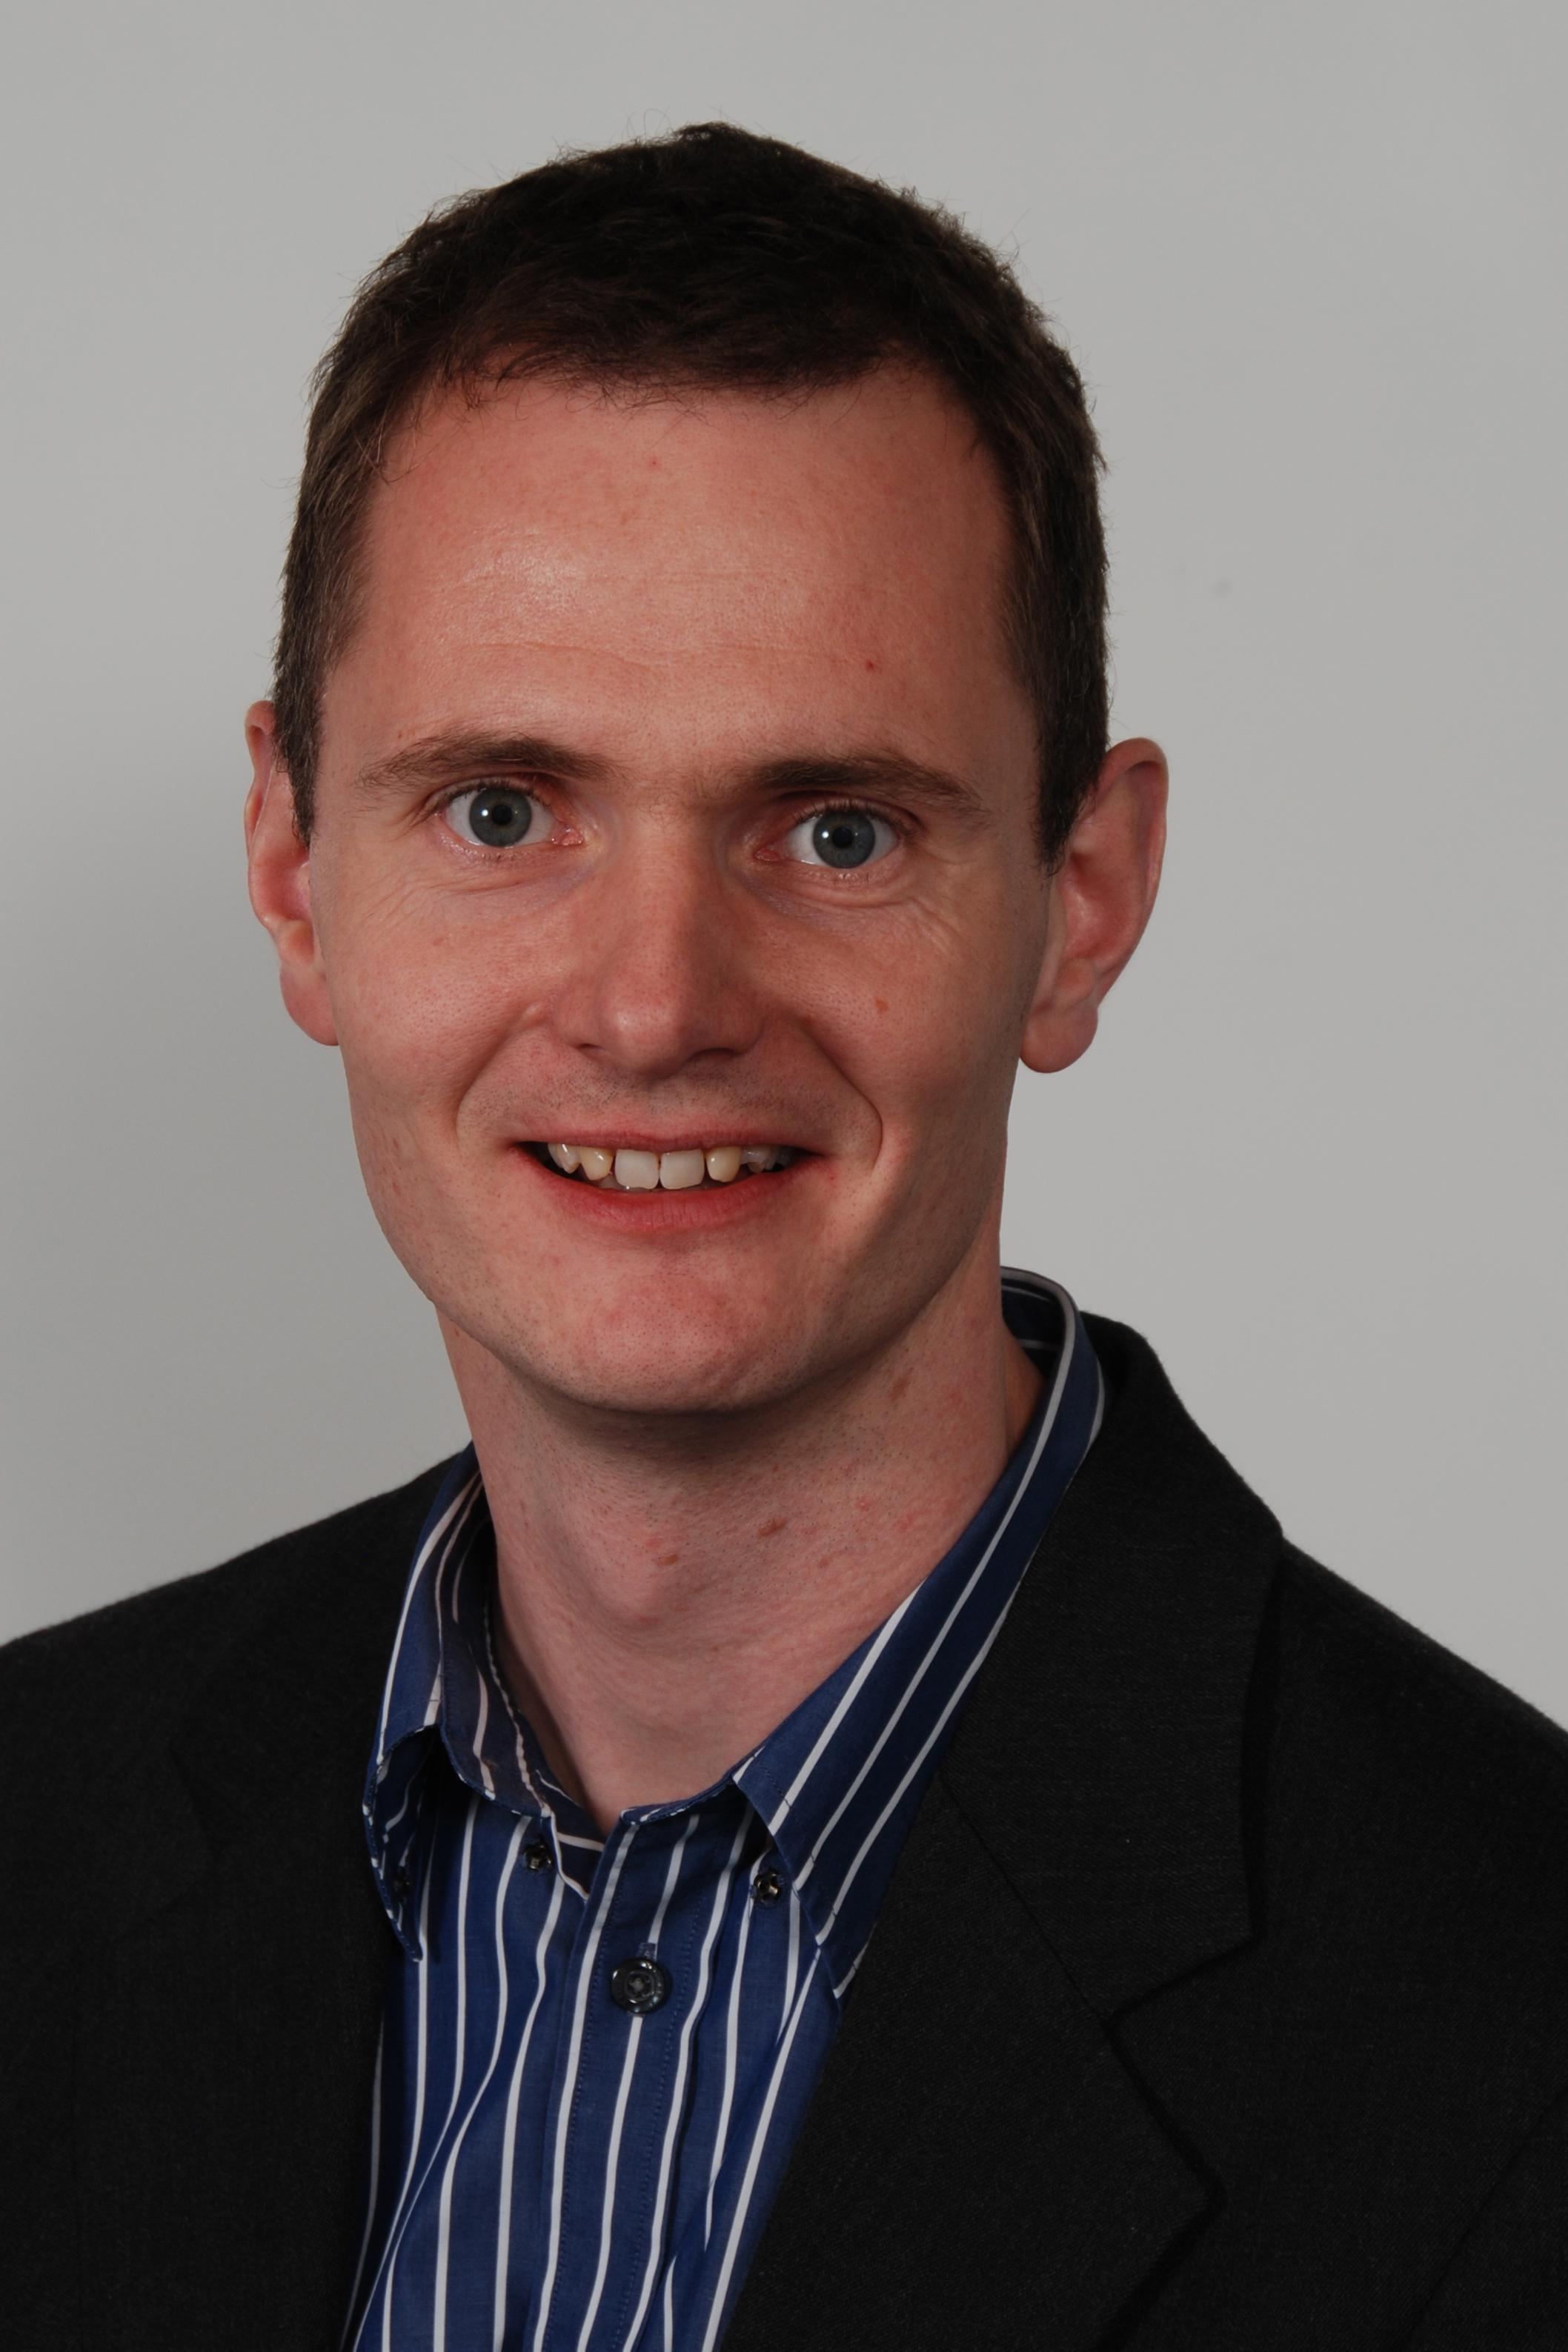 Søren Serritzlew